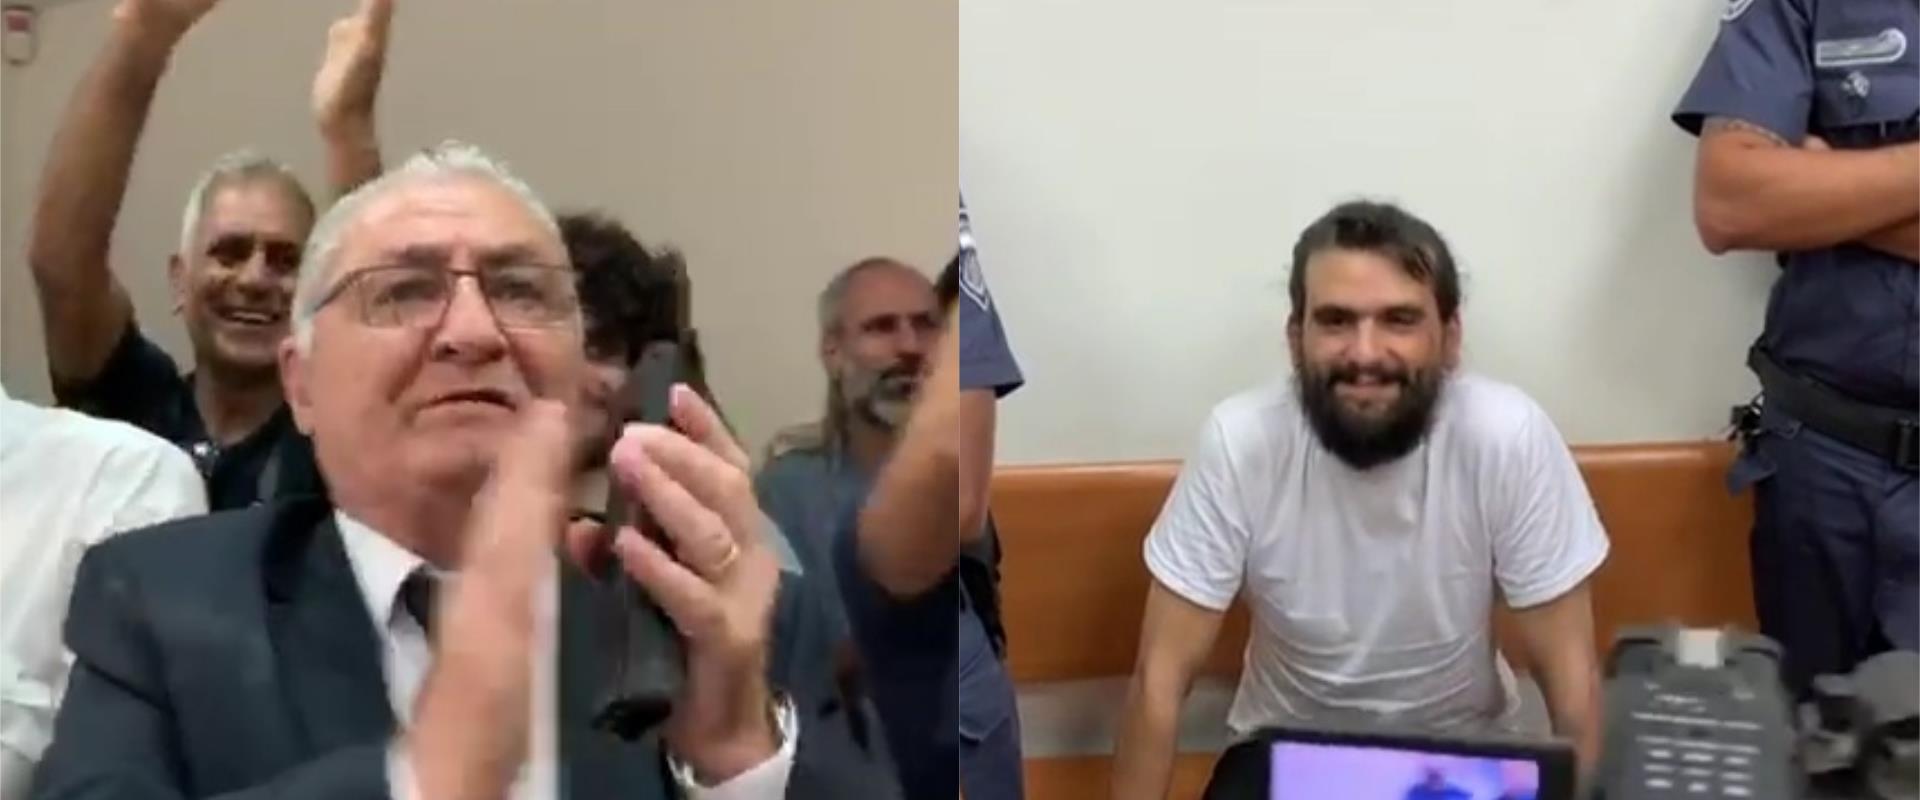 Le fondateur de Telegrass a été applaudi devant le tribunal